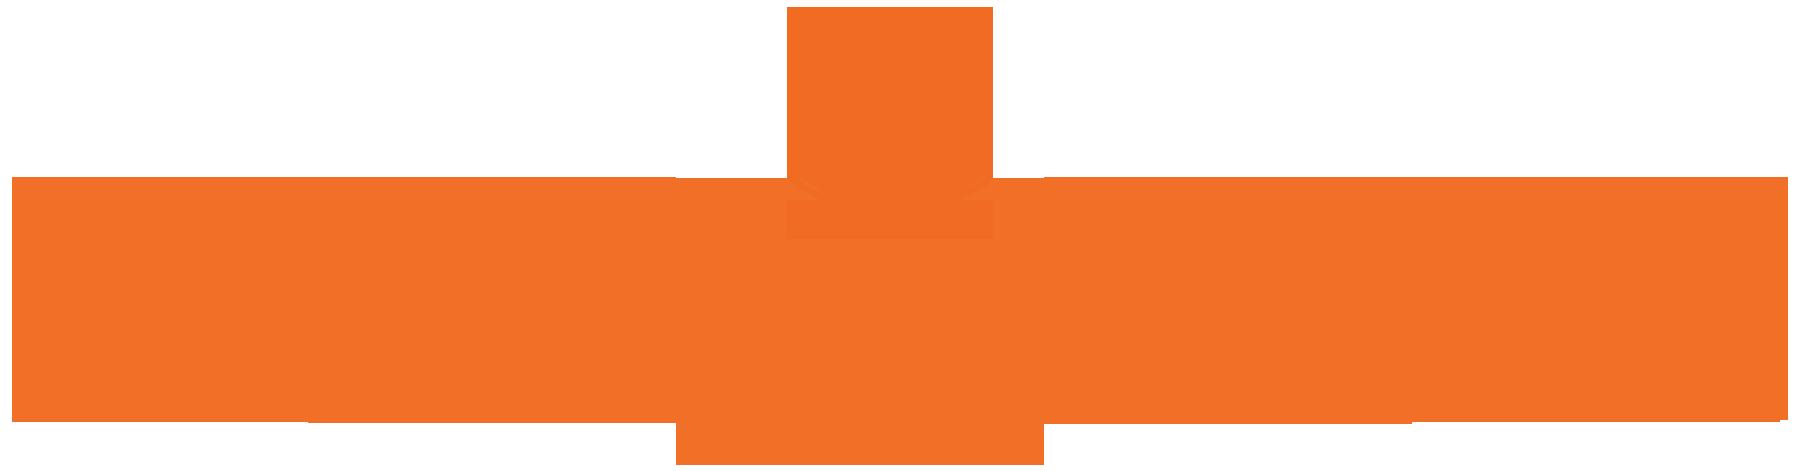 Christian Motos - GAMES_Header_06-15